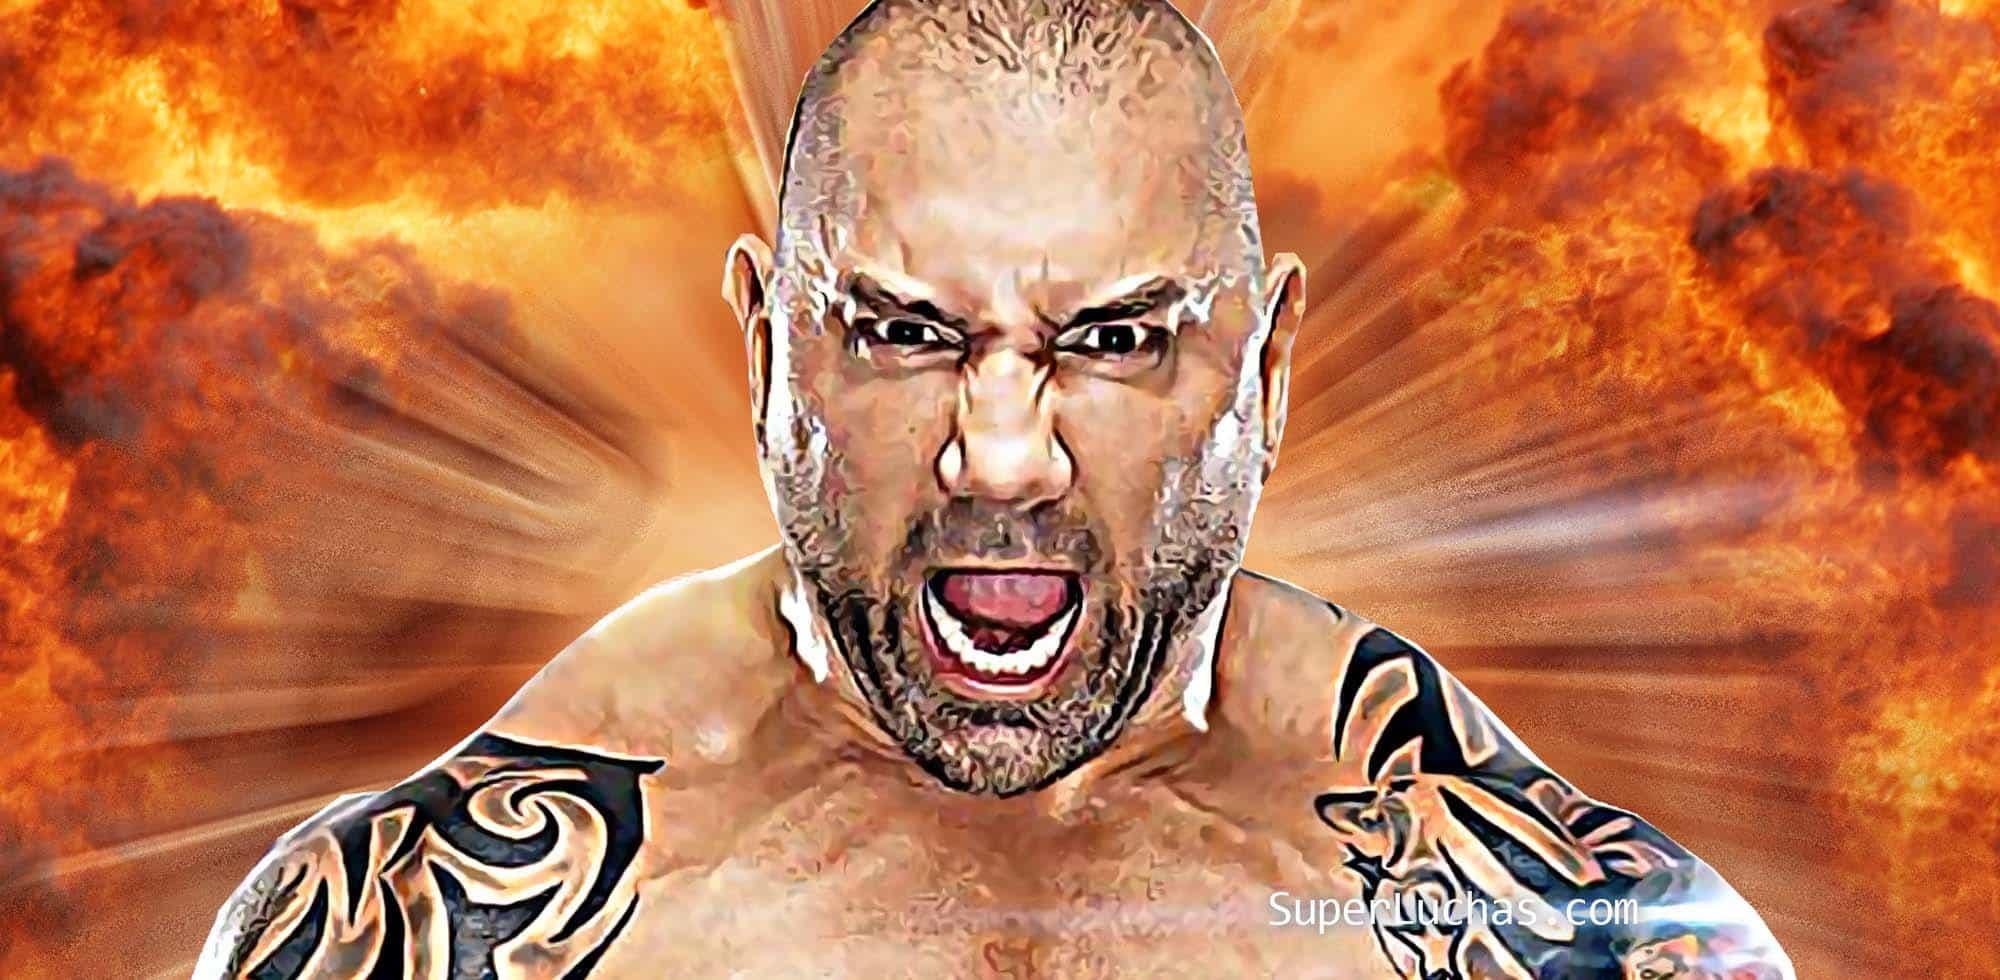 Batista alaba el trasero de Bayley e incendia Instagram